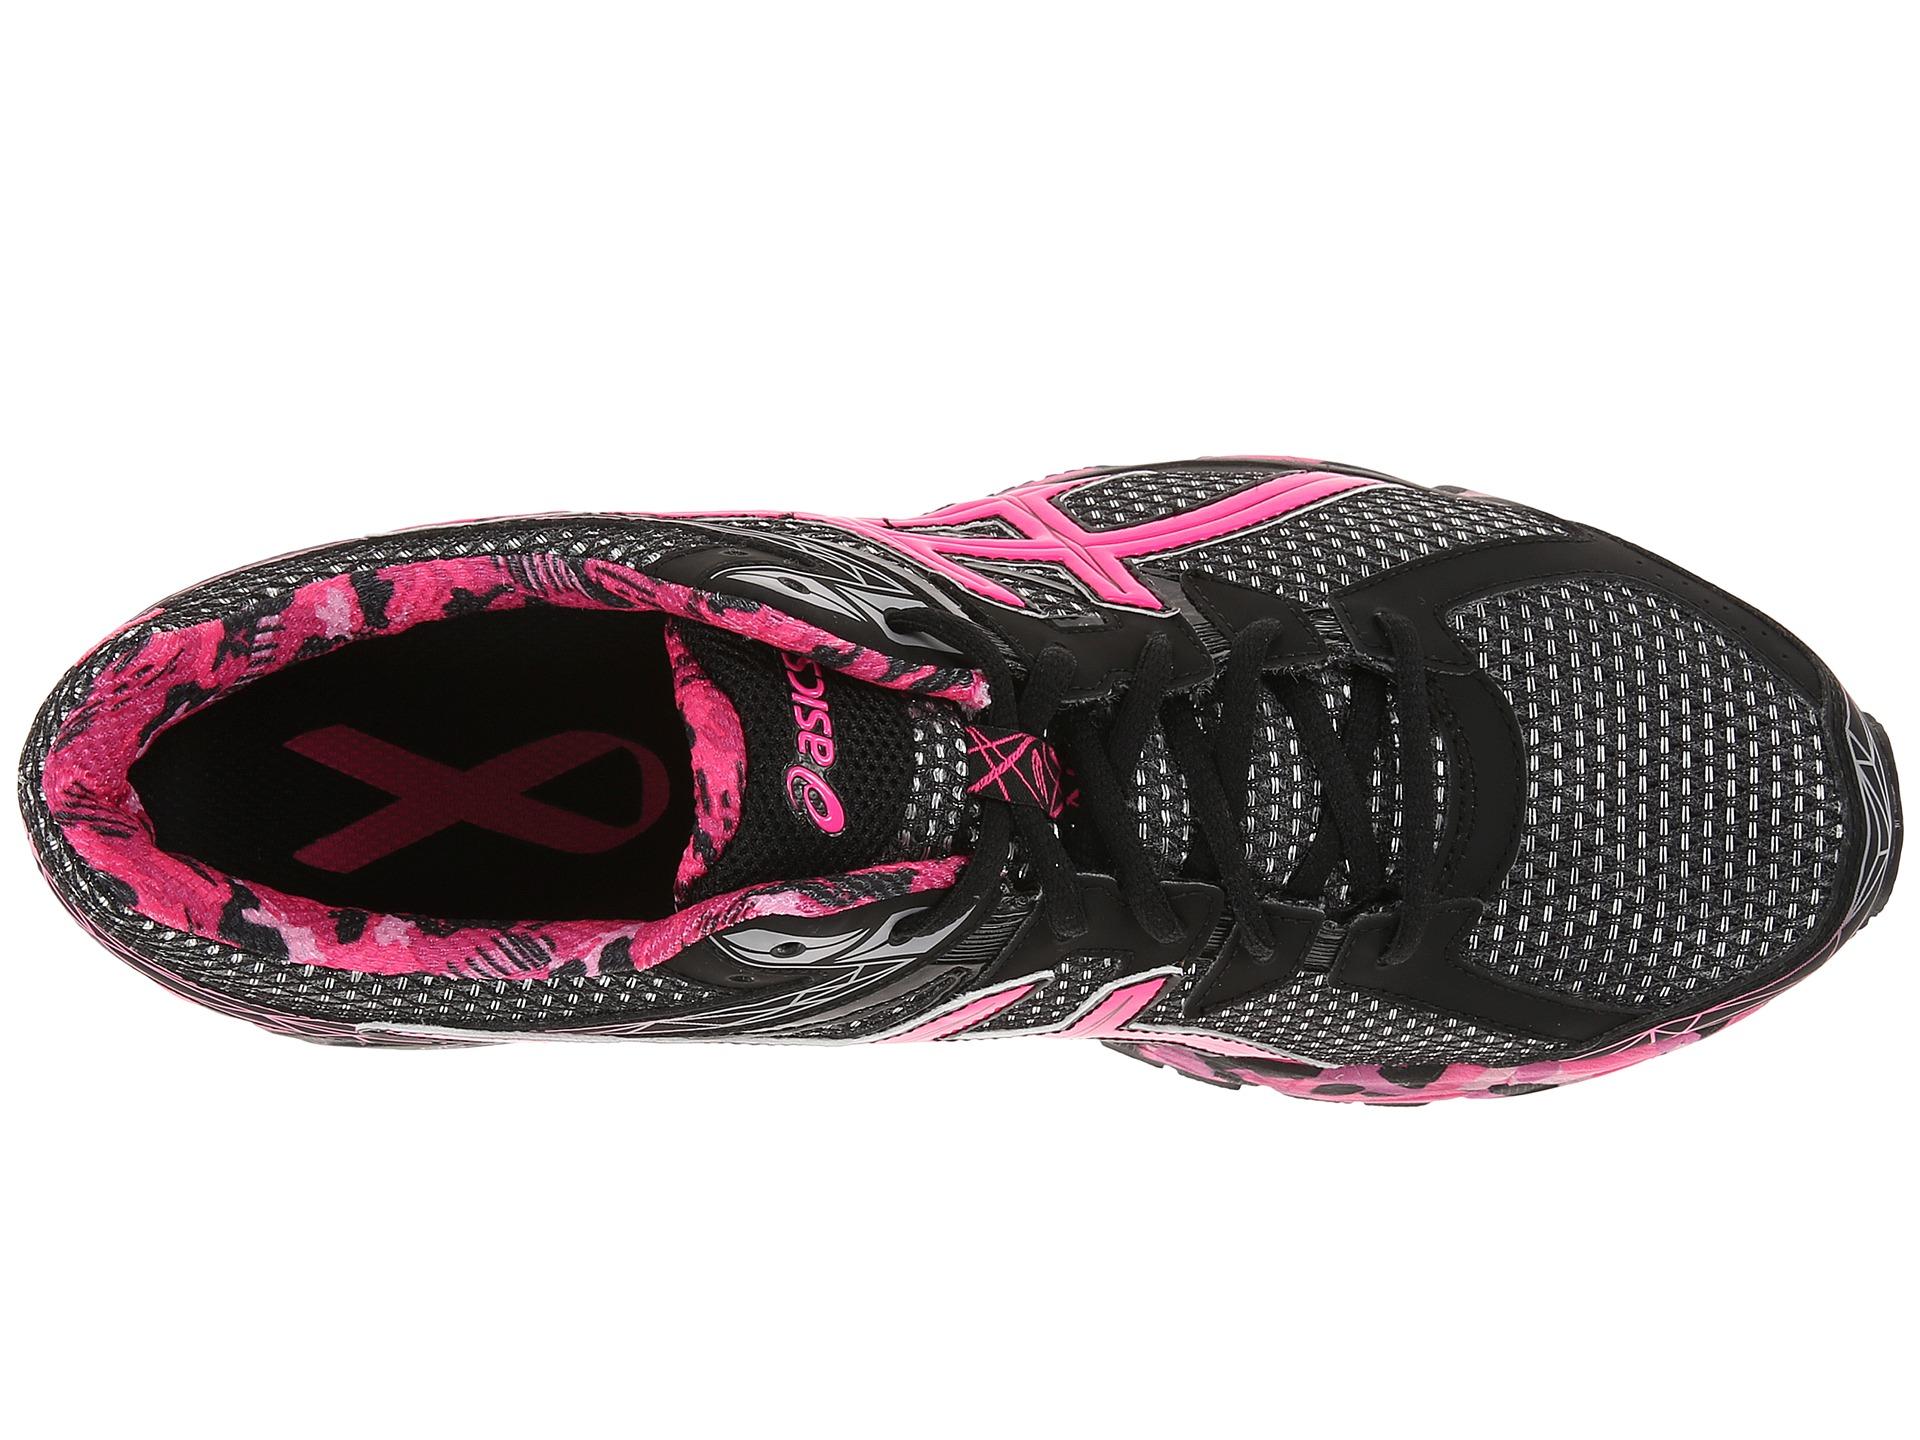 asics gt 1000 3 pr black pink pink ribbon zappos